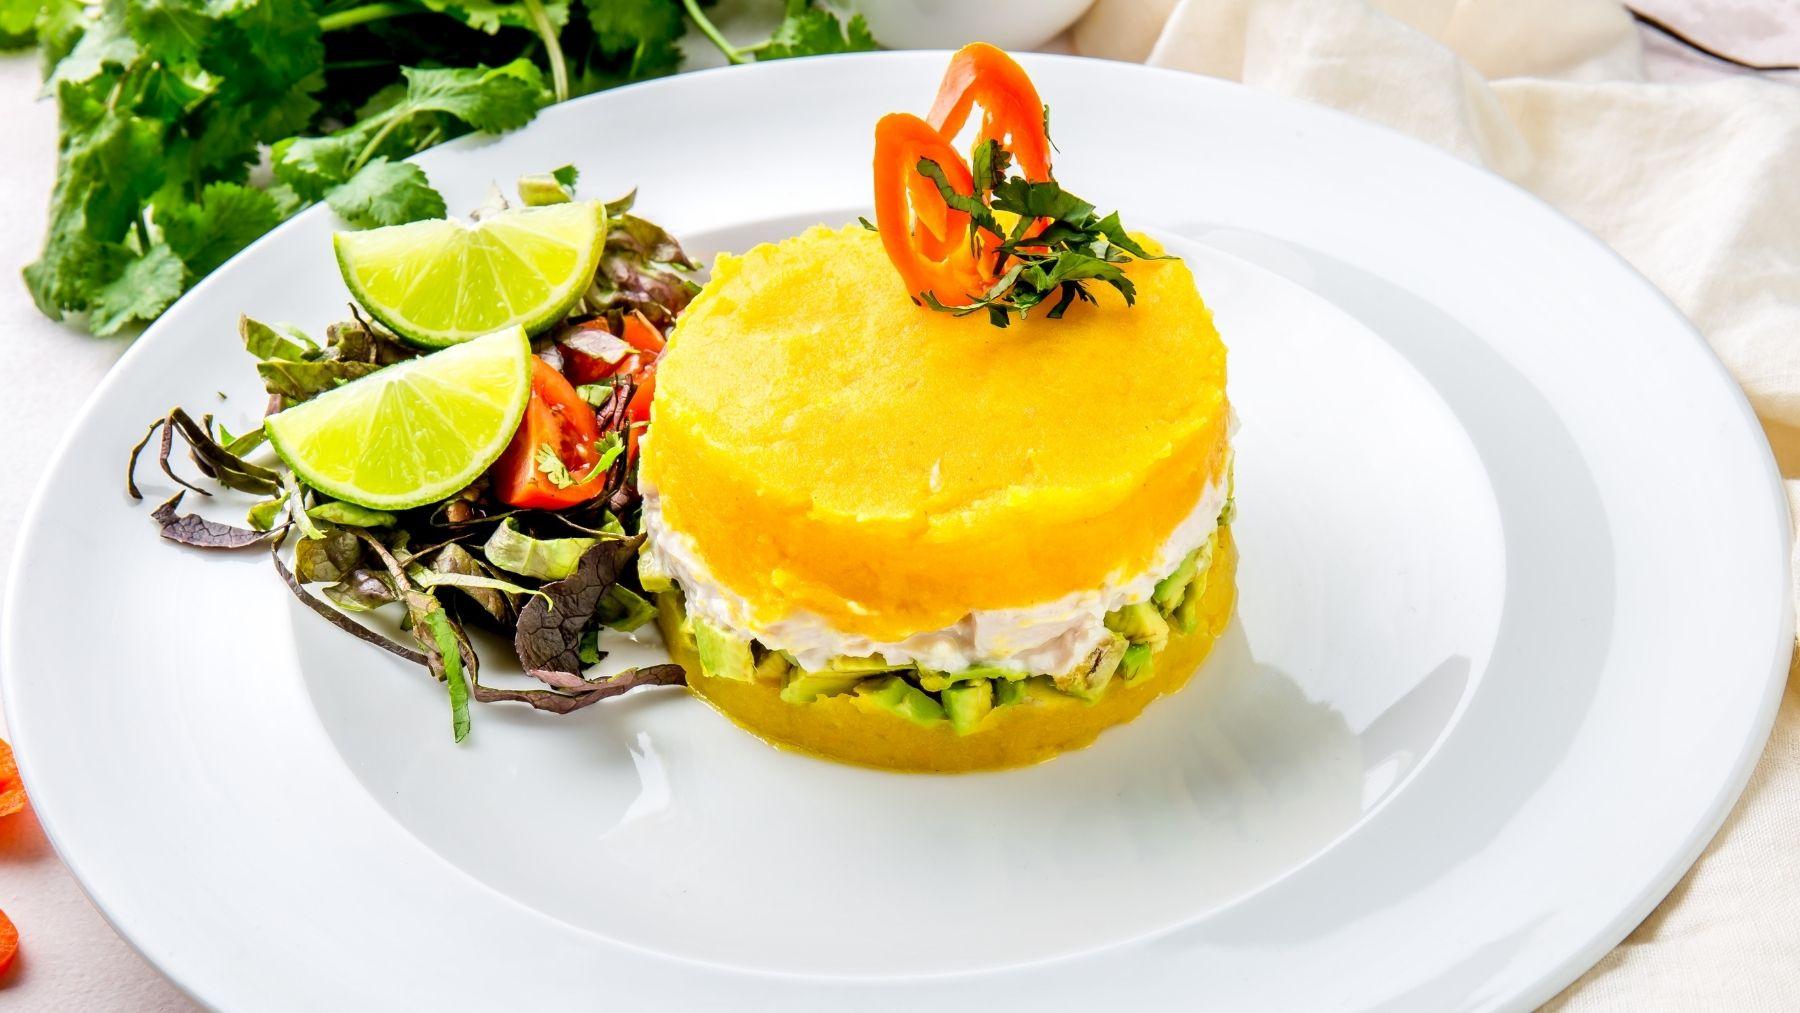 Receta de causa limeña peruana con pollo